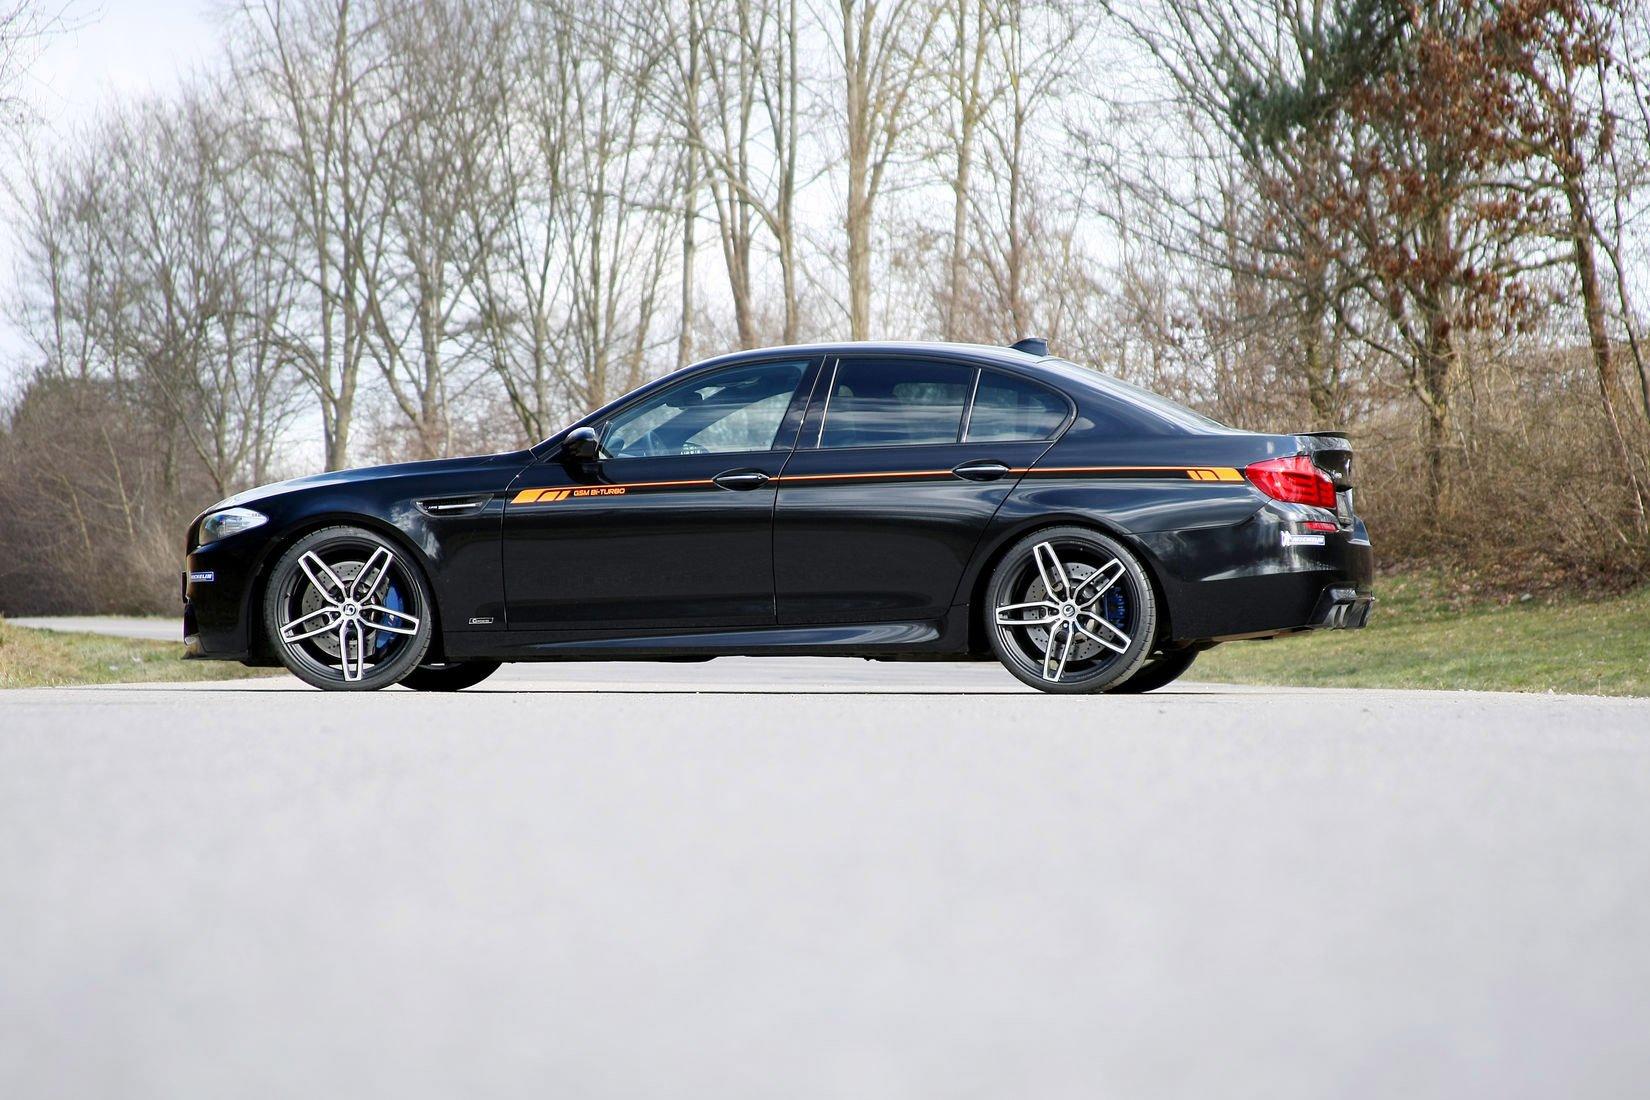 BMW M5 Une BMW M5 quon devine trs puissamment gre Gagn 1650x1100